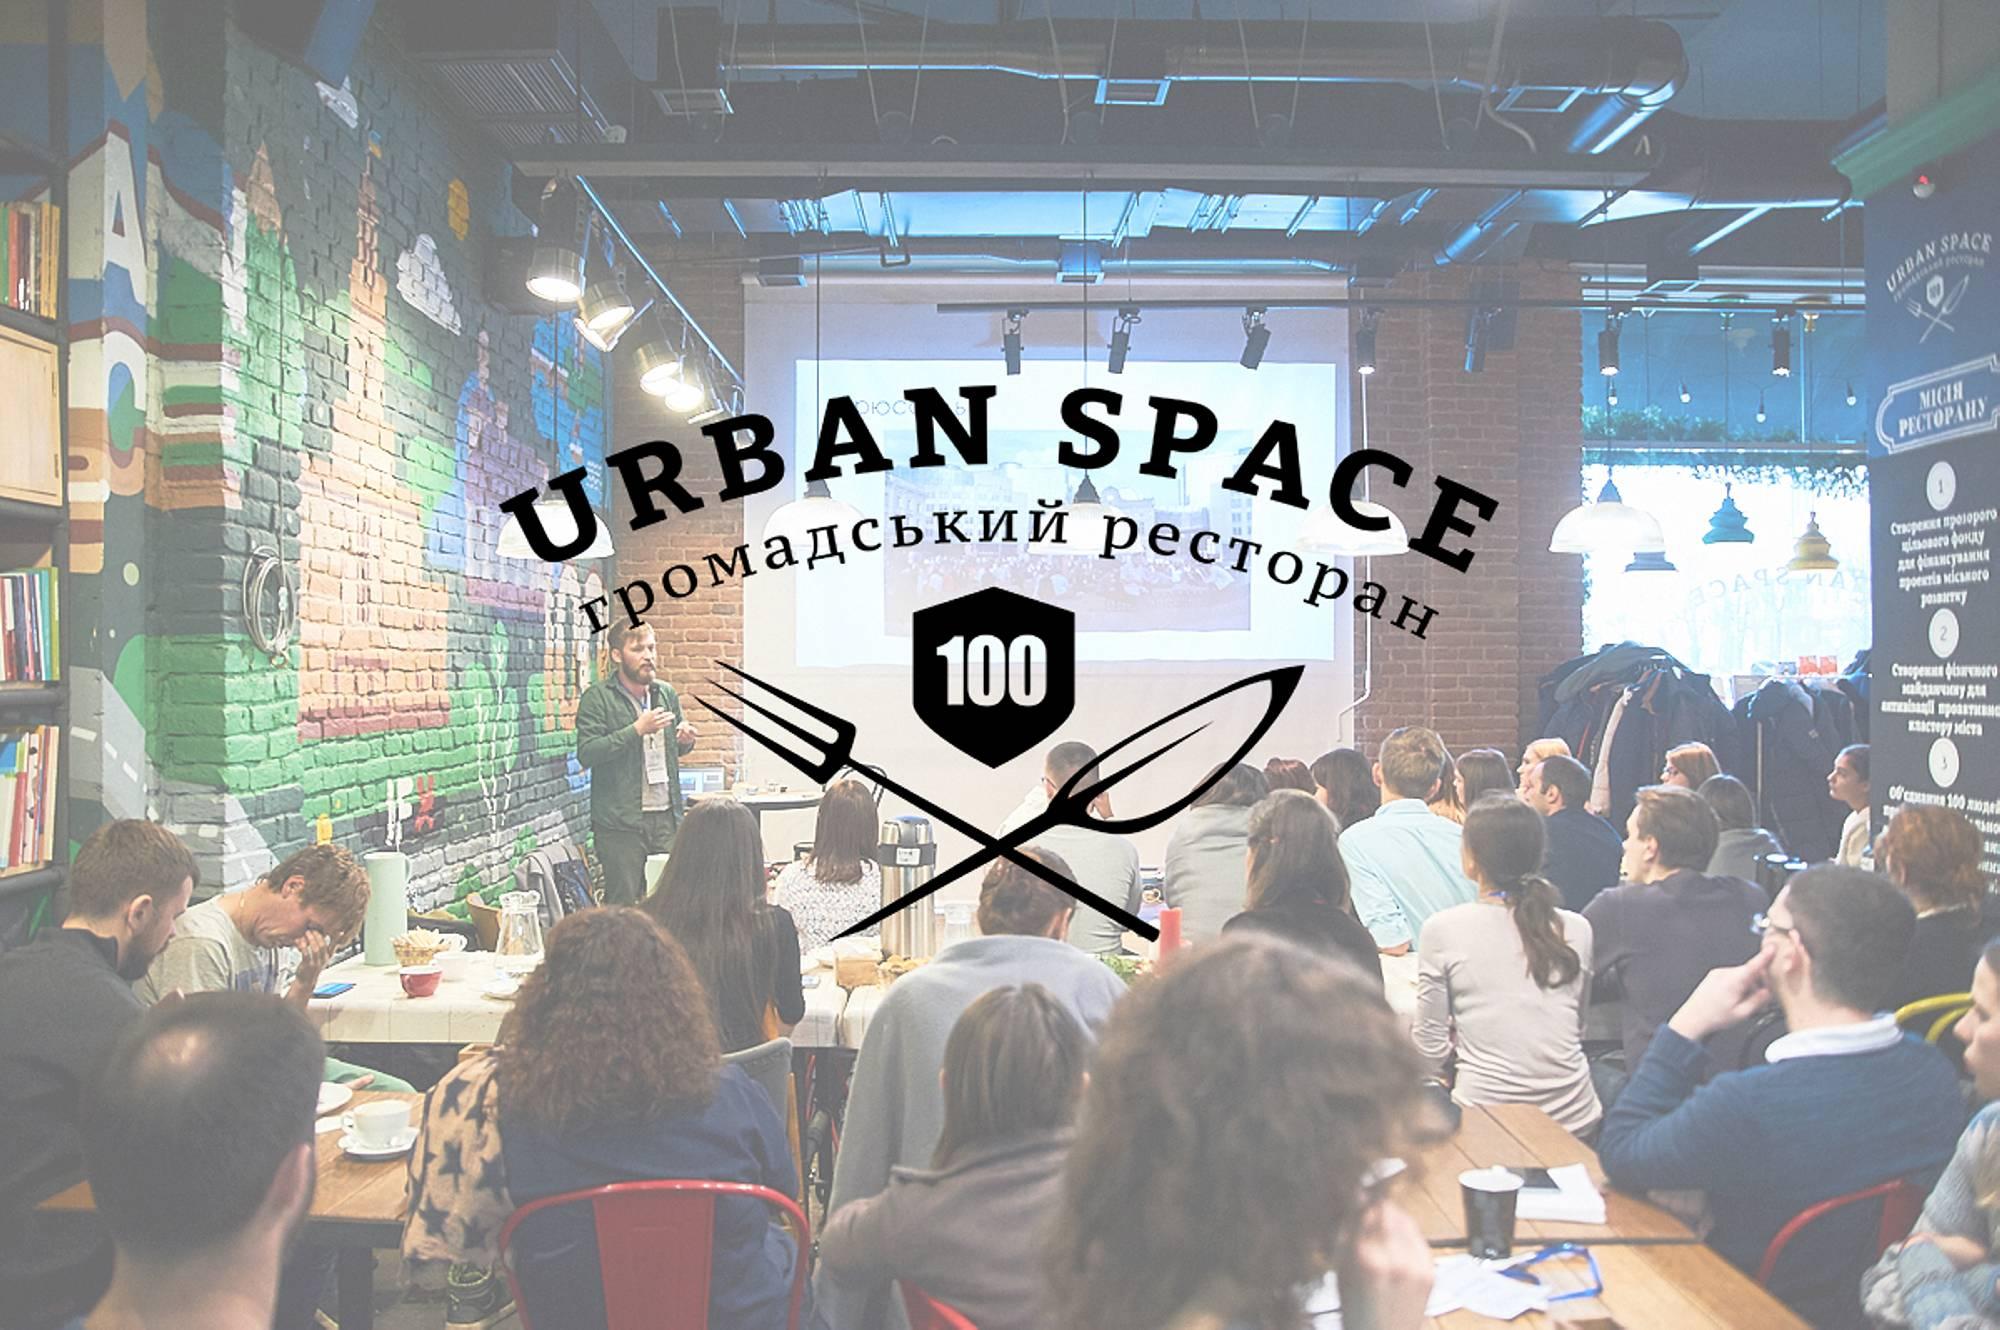 """Франківський """"Urban Space 100"""" представлять на архітектурній виставці в Берліні"""